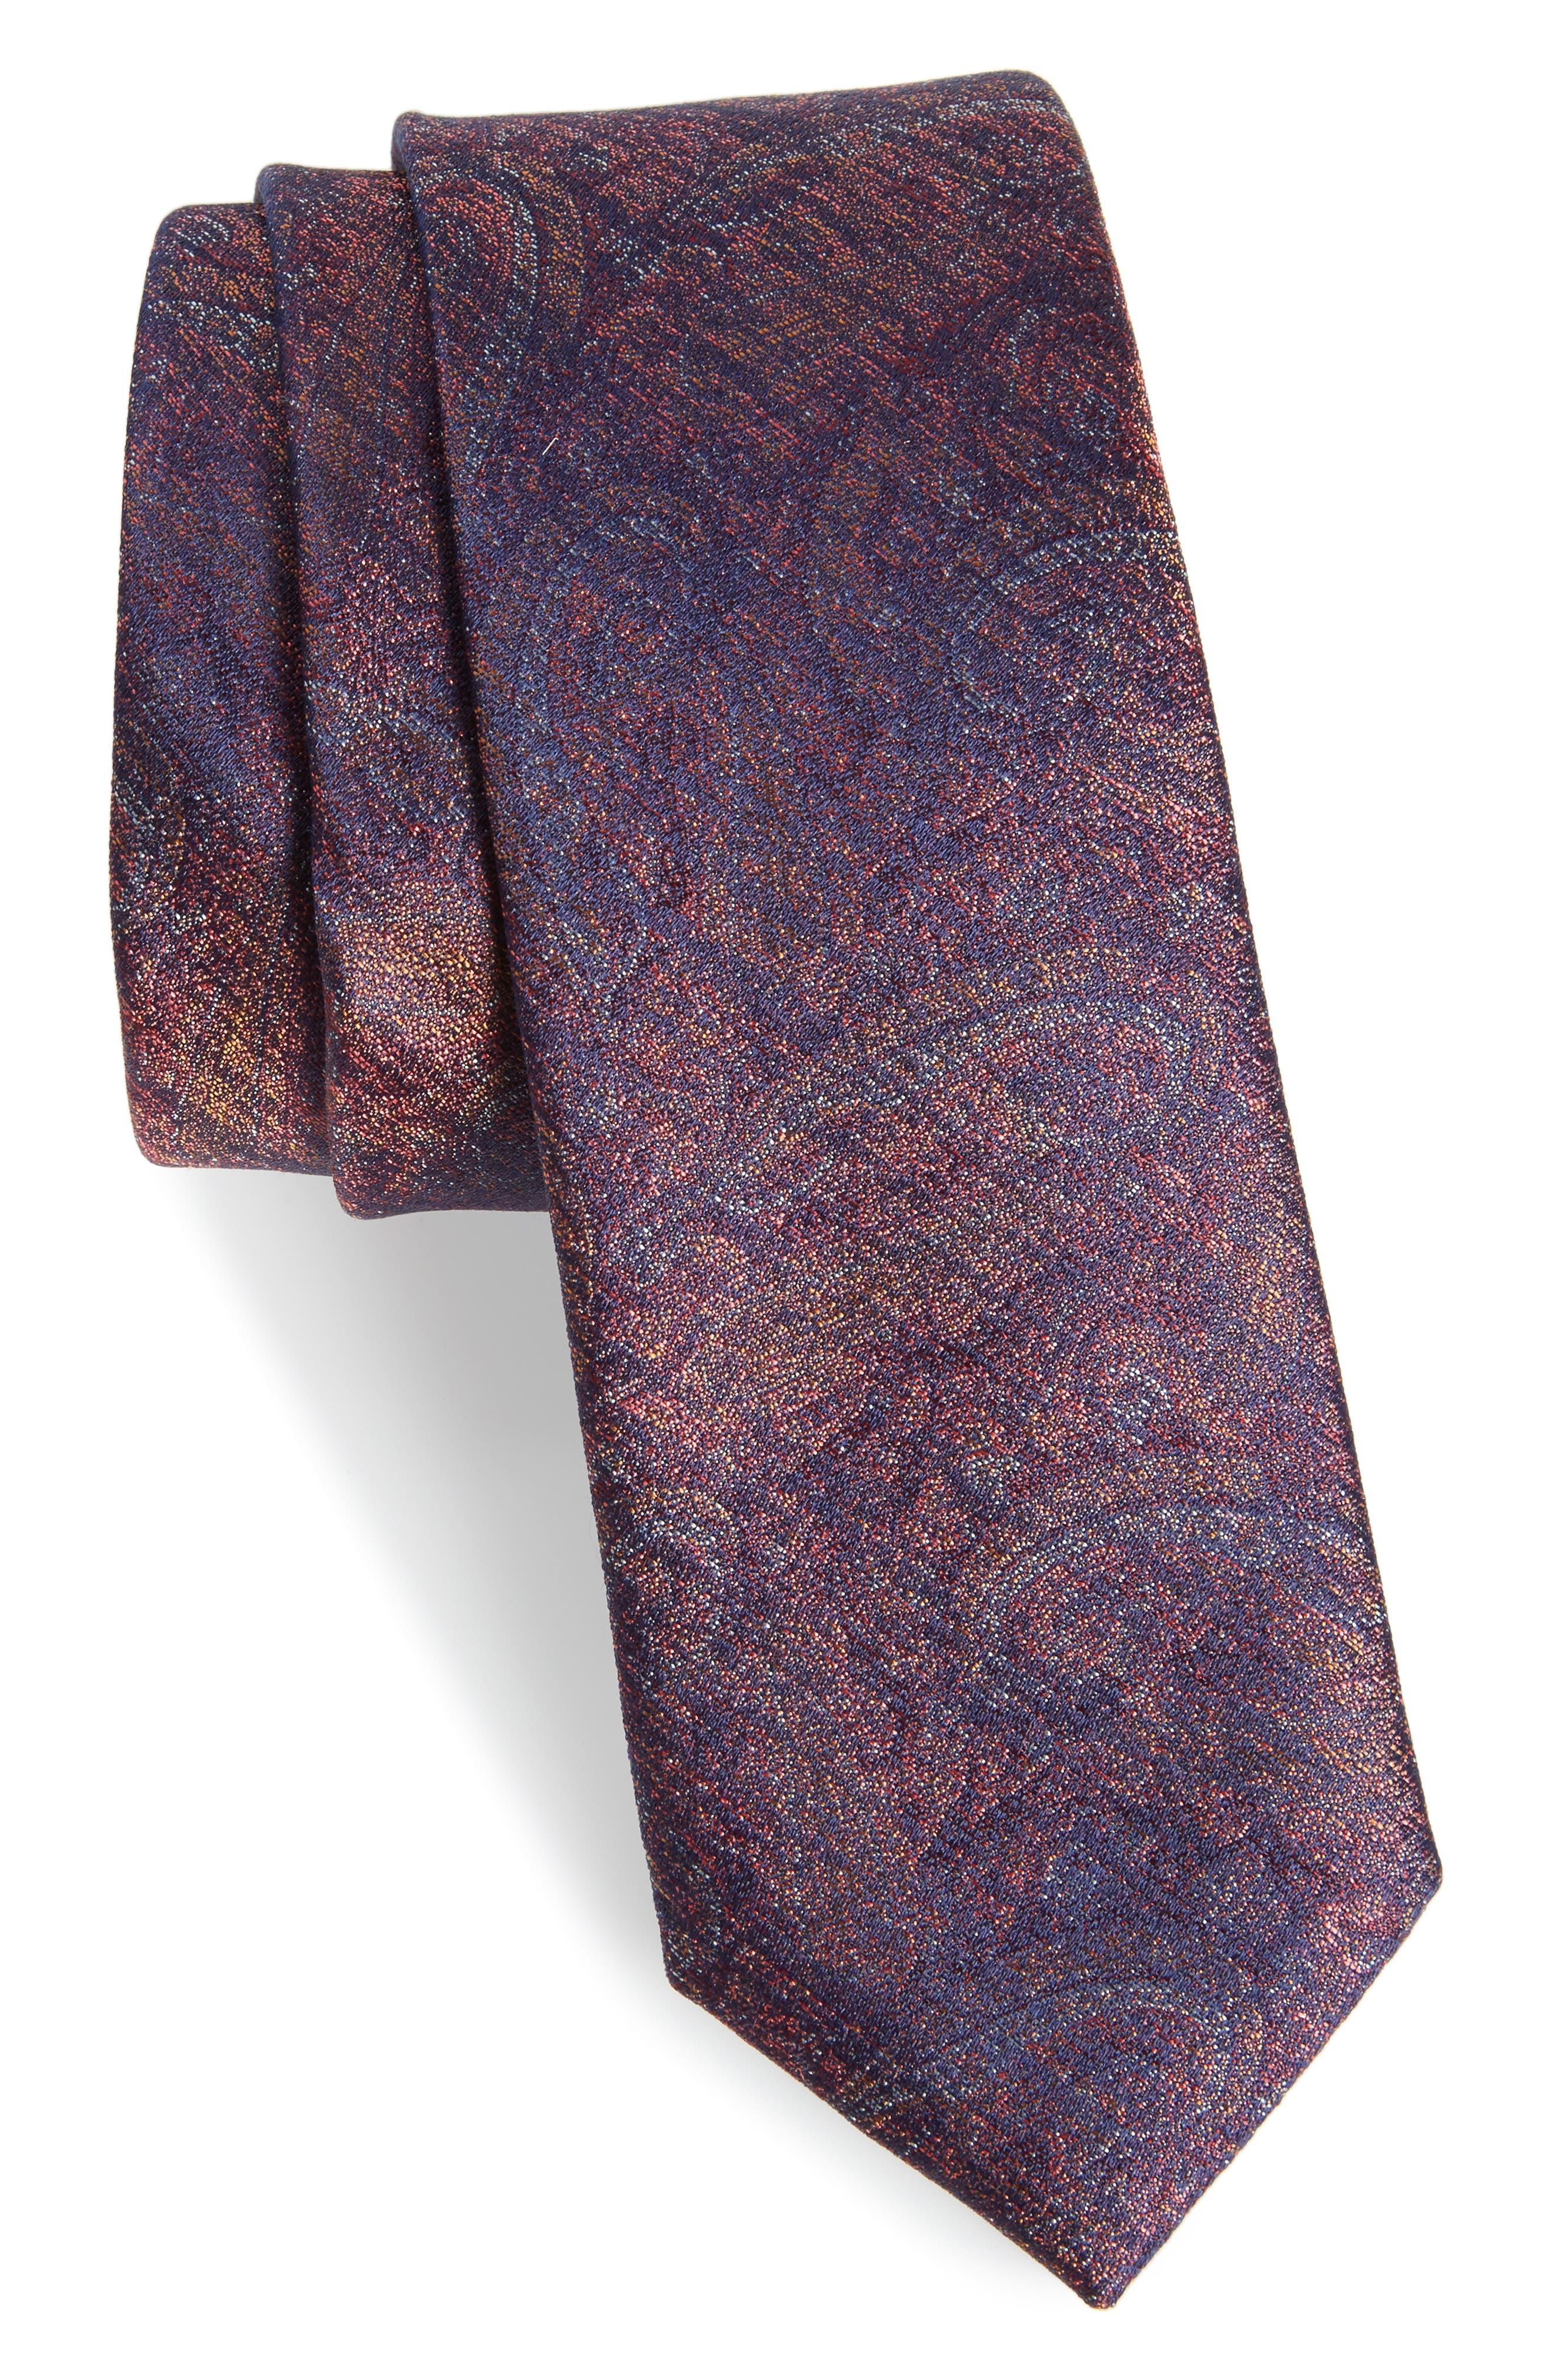 Alexander Paisley Silk Tie,                         Main,                         color, Cognac